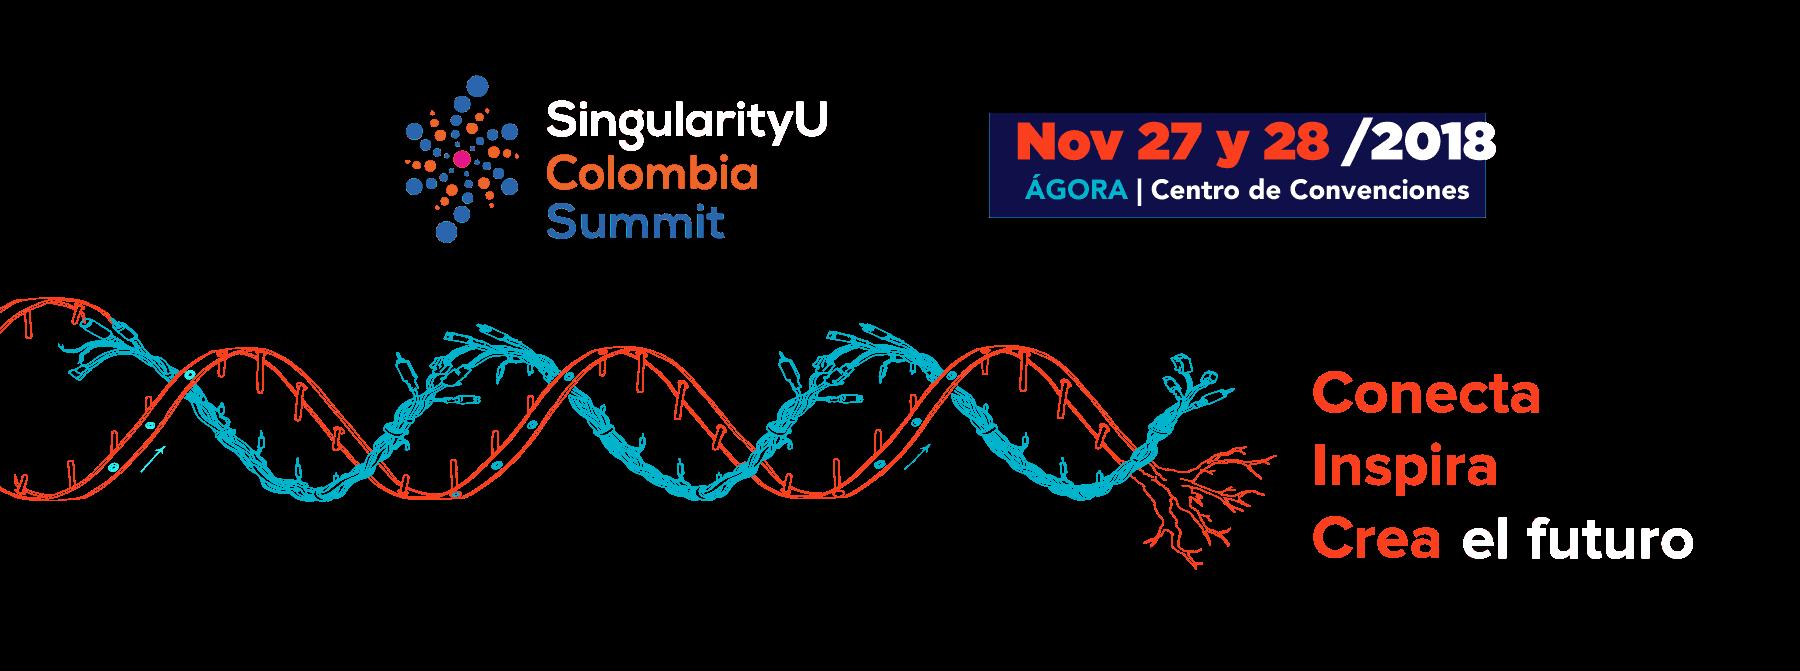 SingularityU Colombia Summit: el evento de Silicon Valley que busca resolver algunos problemas de la humanidad